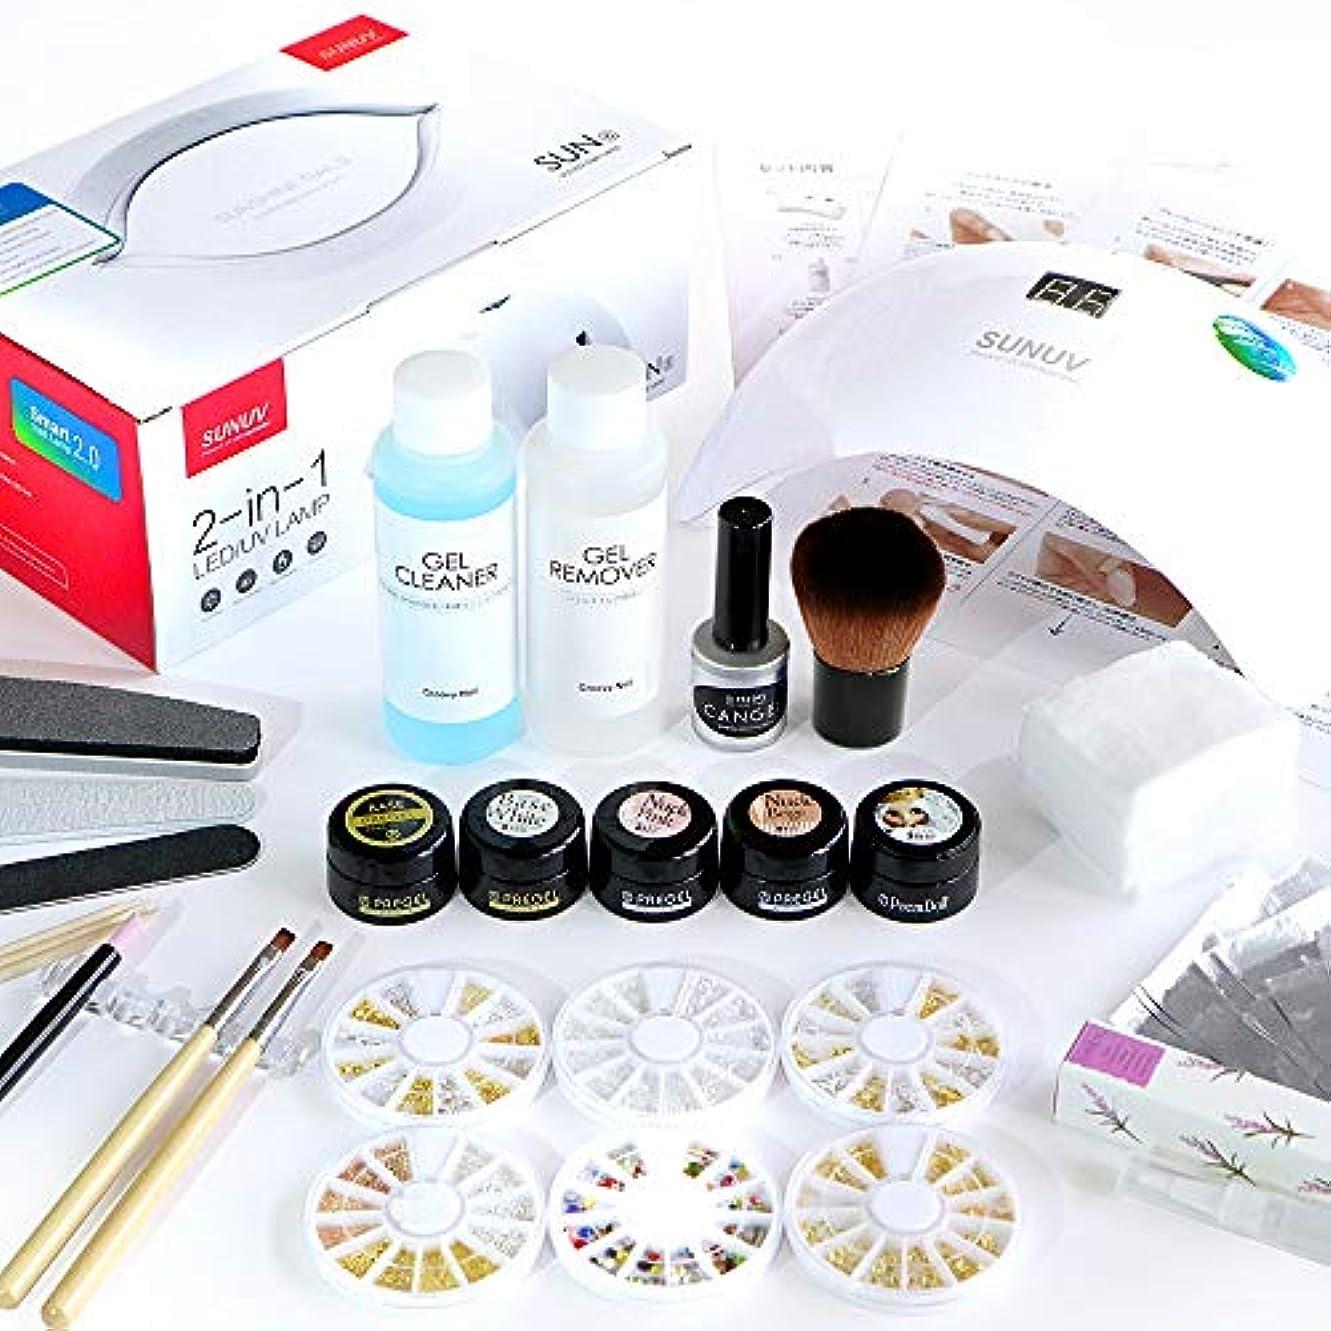 激怒昇る運ぶPREGEL プリジェル ジェルネイル スターターキット 日本製カラージェル4色+LEDライト48W ネイルアート 初心者におすすめ